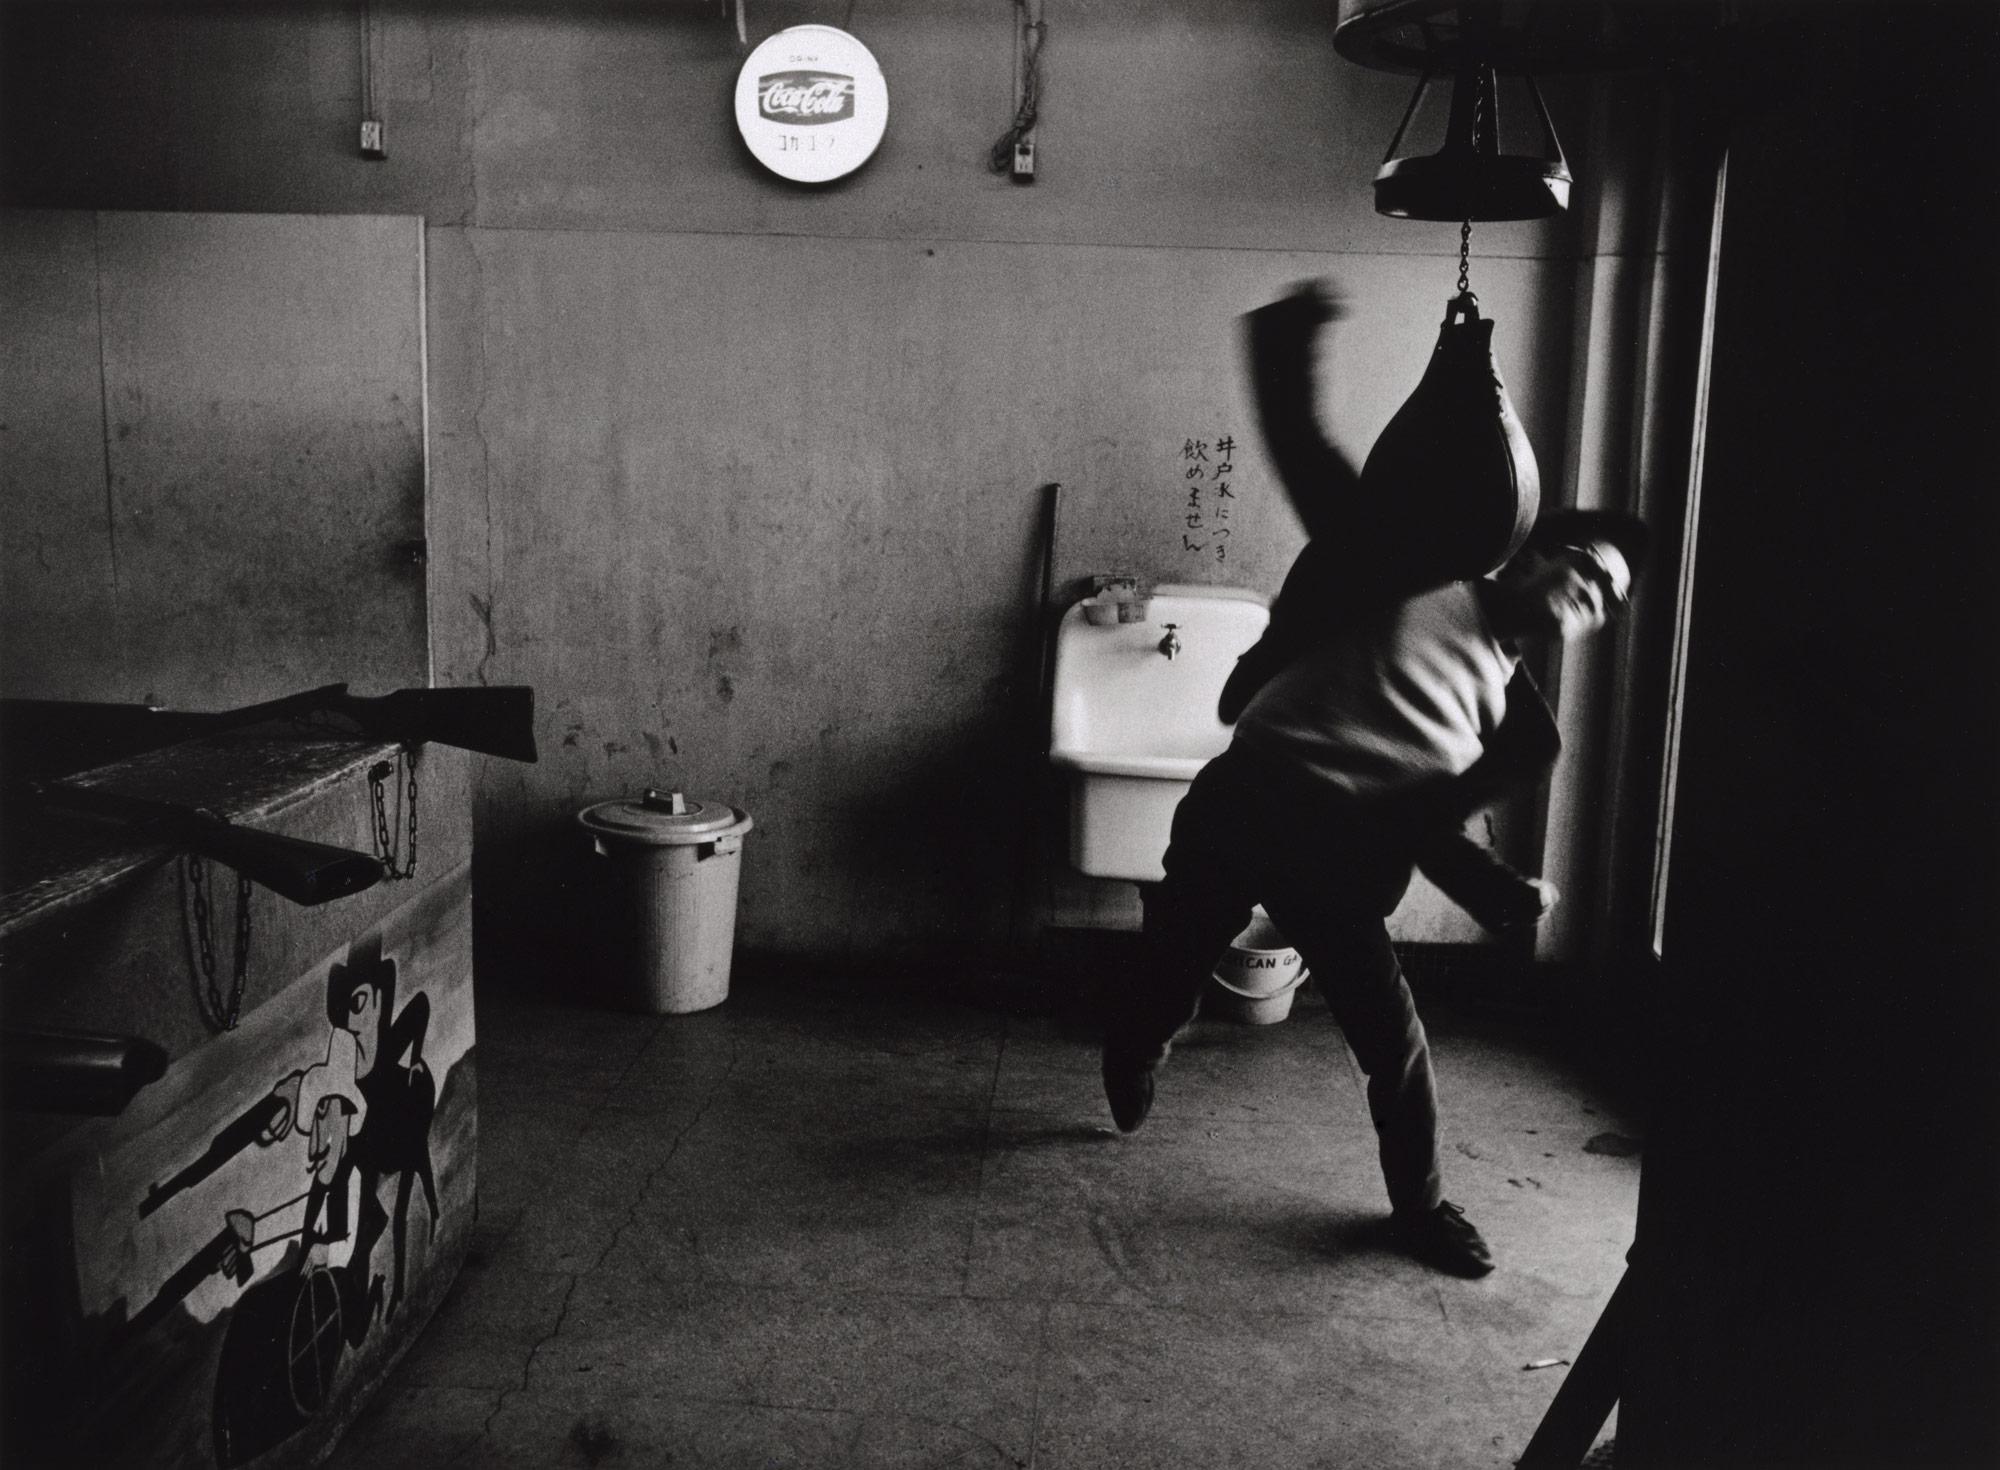 """Tōmatsu Shōmei, Editor, Takuma Nakahira, Shinjuku, Tokyo, 1964. Credit: © Tōmatsu Shōmei – INTERFACE / Collection of The Art Institute of Chicago   L'exposition du BAL dévoile les 3 numéros passionantsde la revue """"Provoke"""", aussi subversive que séditieuse, créée par les grands noms de l'avant-garde japonaise des années 60 (Araki Nobuyoshi,Tōmatsu Shōmei,Daido Moriyama...) et s'intéresse à la manière dont ce manifeste a poséles jalons de la photographie expérimentale au Japon.  A travers le prisme de la revue et des photographes qui y sont affiliés, l'exposition revient sur le contexte de crise politique, sociale et identitaire qu'a connu la population nippone à cette époque – occupation américaine par la base militaire américaine à Okinawa, occupation des universités par les étudiants, bataille de Sanrizuka - et à partir duquel a émergé un nouvel art photographique contestataire et radical.   Poussés par la conviction que la photographie ne peut se faire le reflet factuel du réel, ces photographes développent un artprofondément subjectif etfragmentaire comme le dévoile la série «Asphalte» de Shōmei Tōmatsu ou encore le cadrage abrupte chez Taki Kōji. Une photographie qui va à contre courant de la photographie militante documentaire et linéaire des années 60. Suivant cette dynamique, «Provoke» et ses créateurs déconstruisent le propos, osent le flou etjuxtaposent les récits à l'image de la série « Xeros Photos Albums » signée Araki Nobuyoshi."""